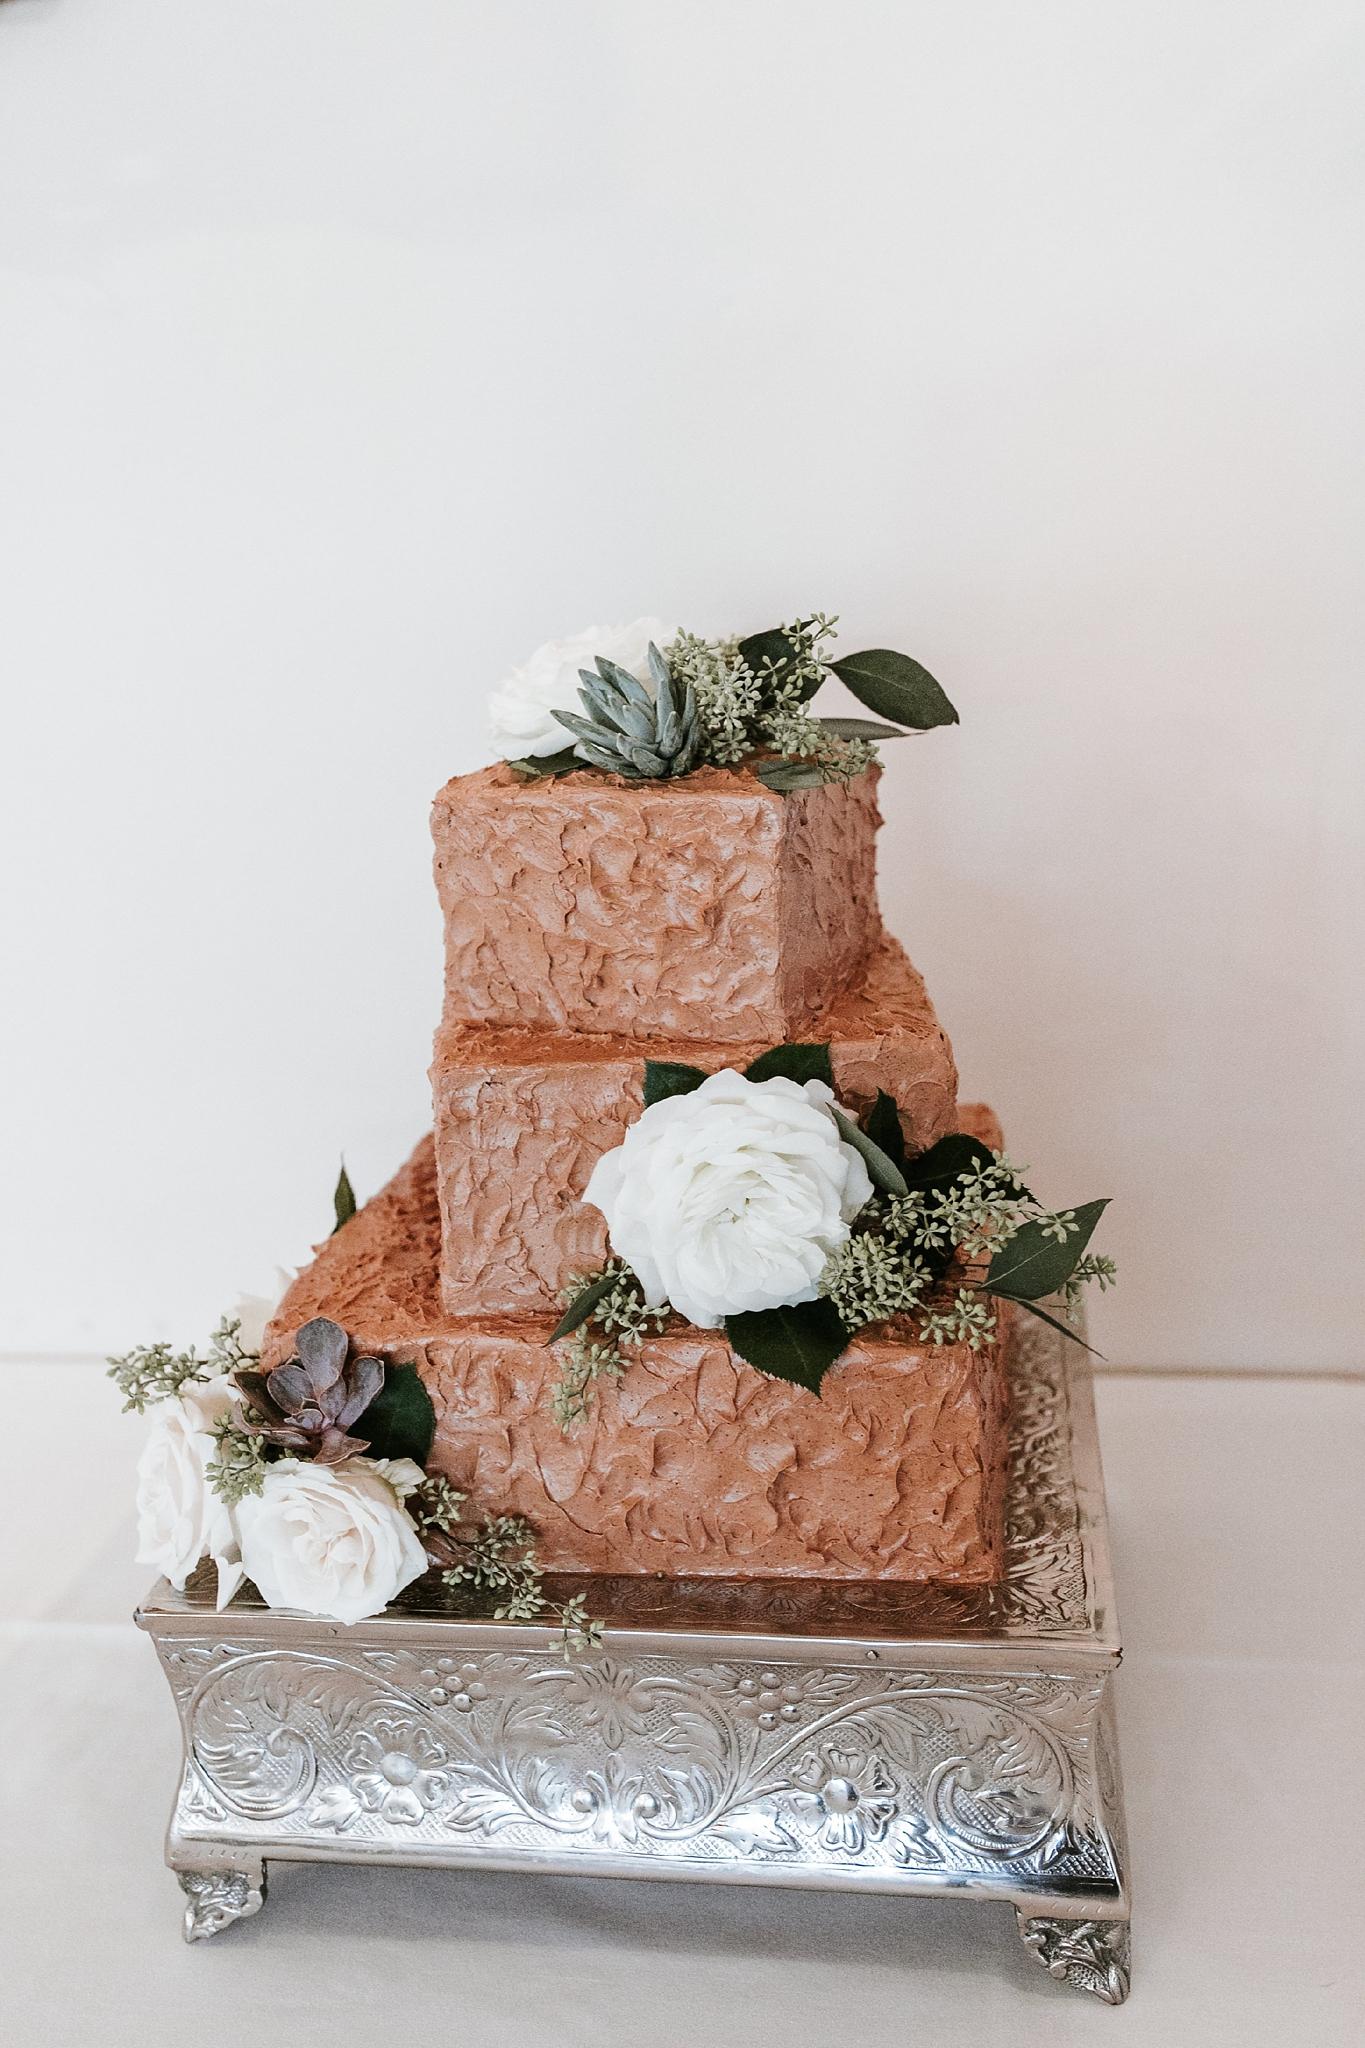 Alicia+lucia+photography+-+albuquerque+wedding+photographer+-+santa+fe+wedding+photography+-+new+mexico+wedding+photographer+-+new+mexico+wedding+-+new+mexico+wedding+-+wedding+florals+-+desert+wedding+-+wedding+trends_0030.jpg